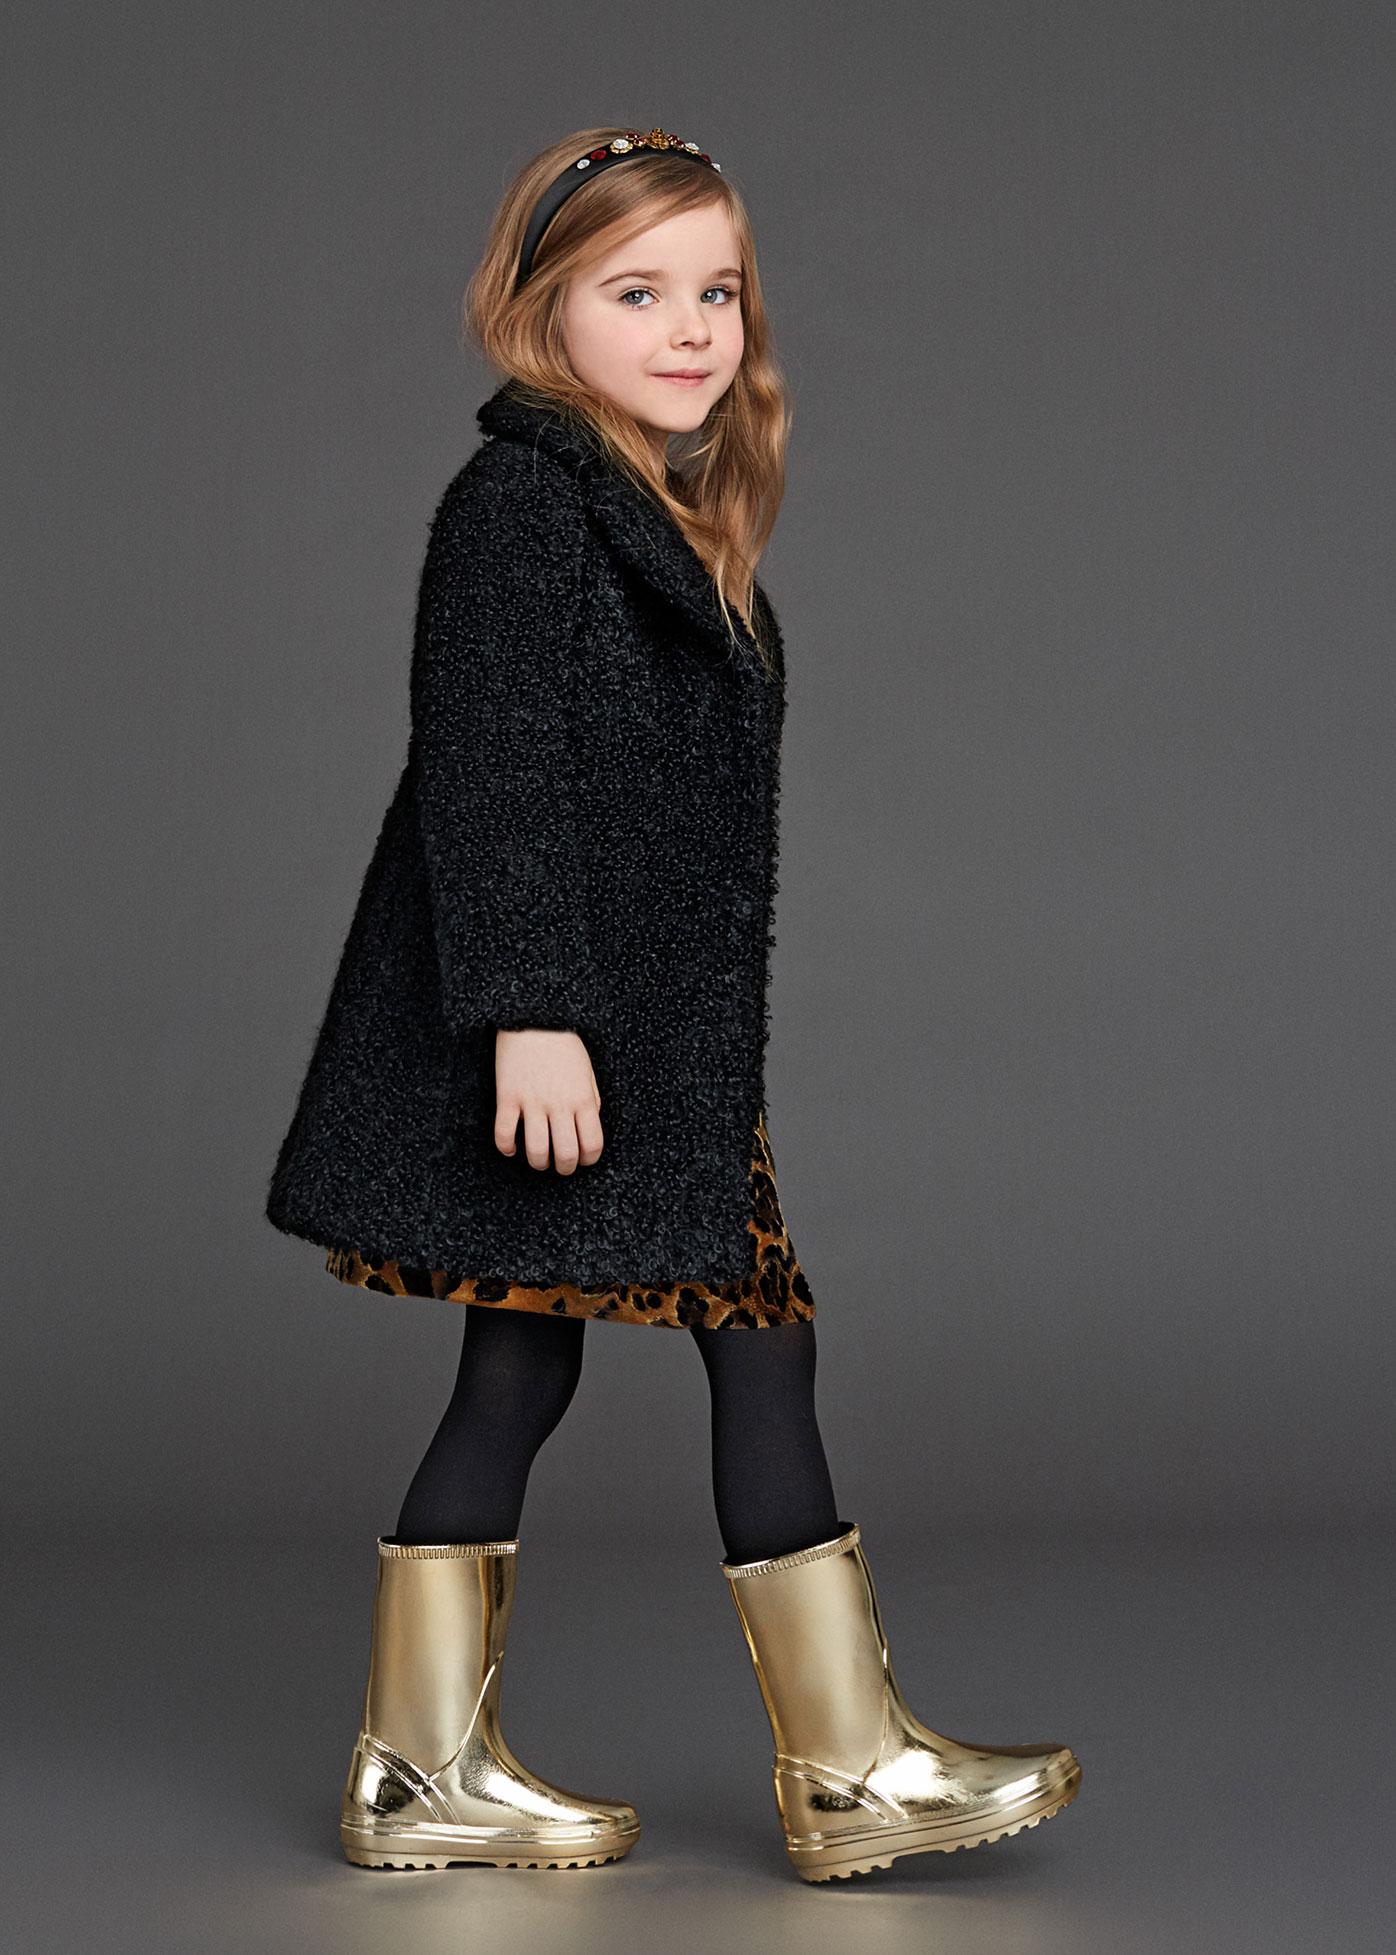 مدل لباس دختر بچه پاییز و زمستان 2